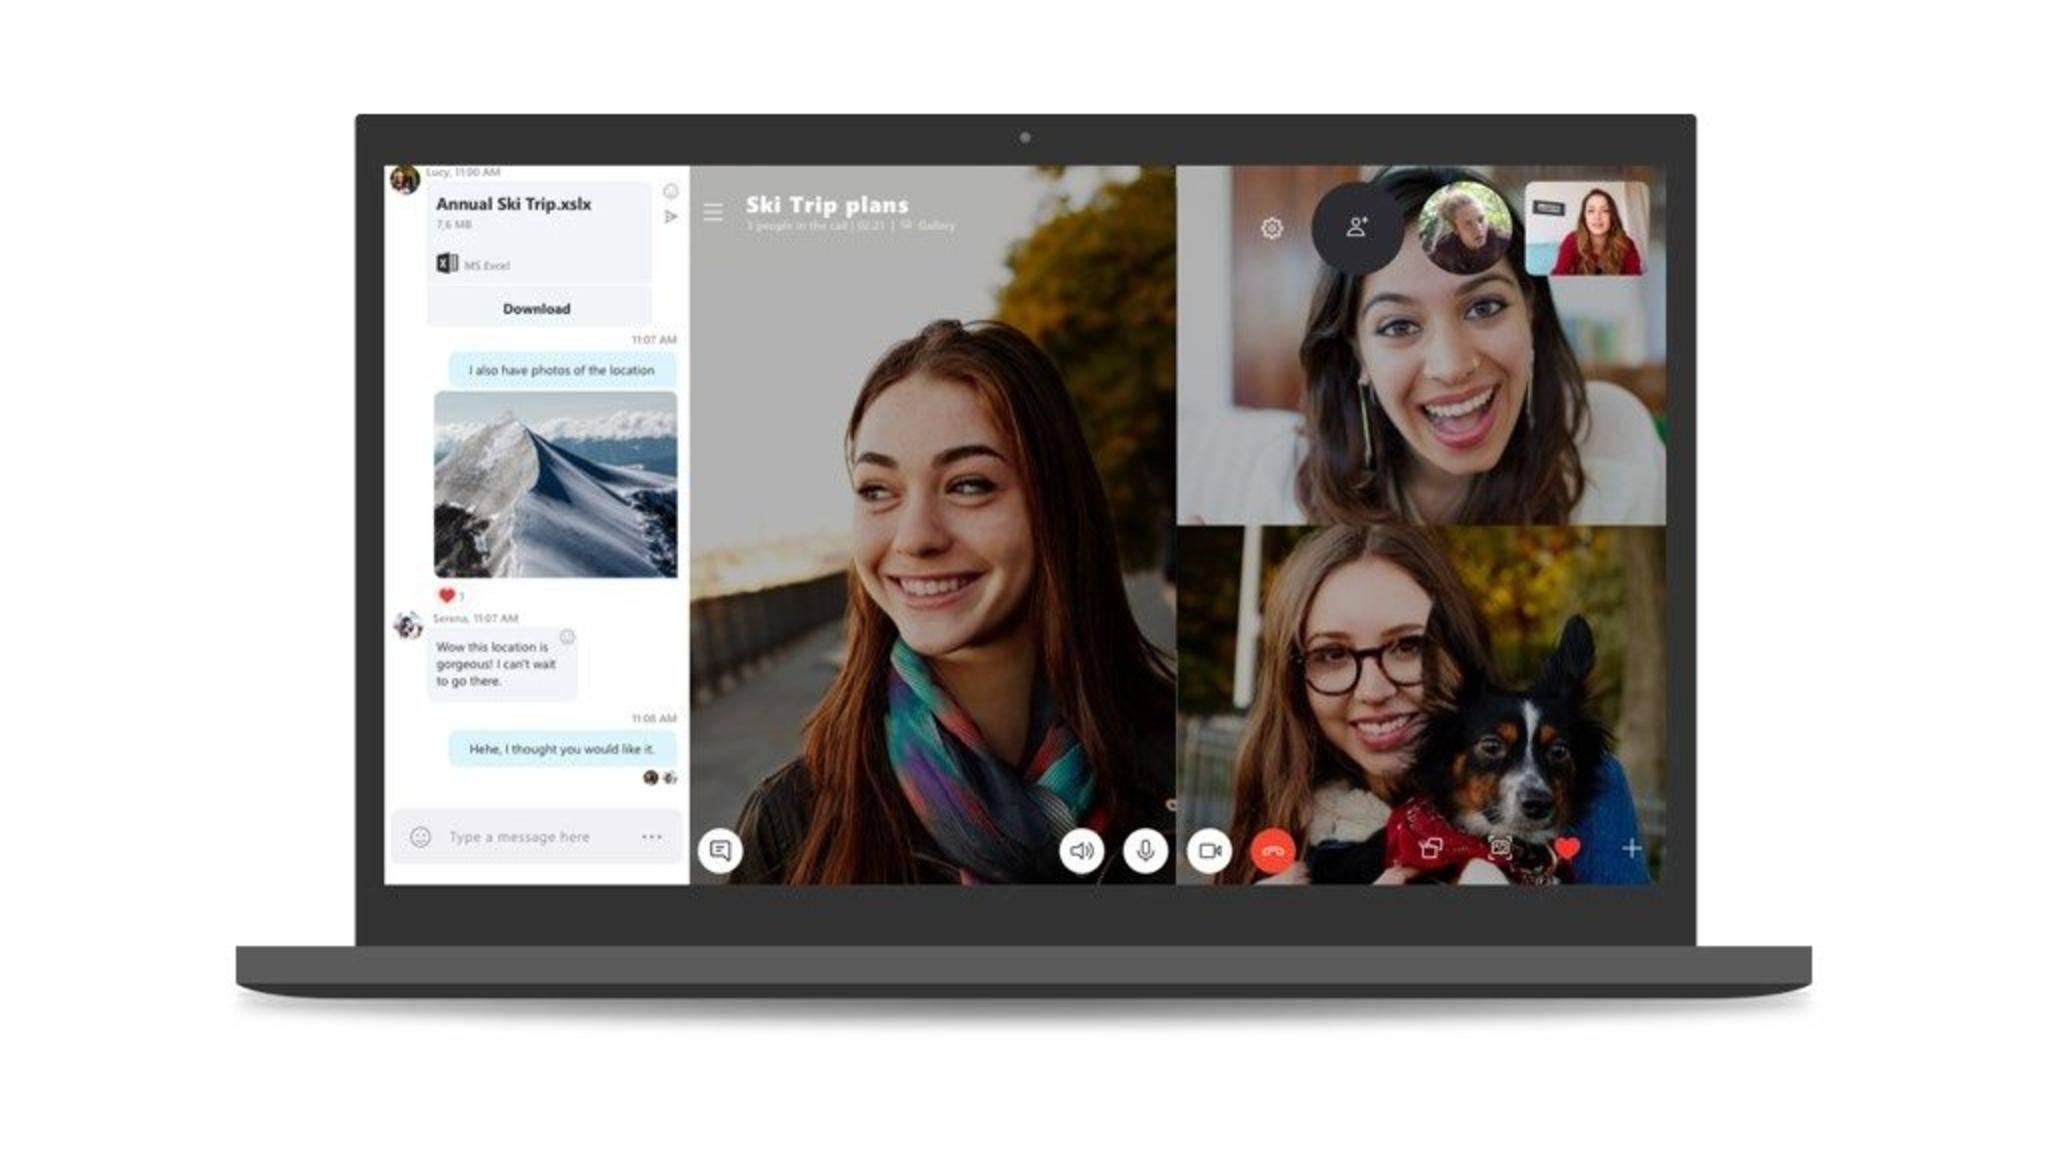 Du kannst auch mit VoIP-Apps wie Skype telefonieren.